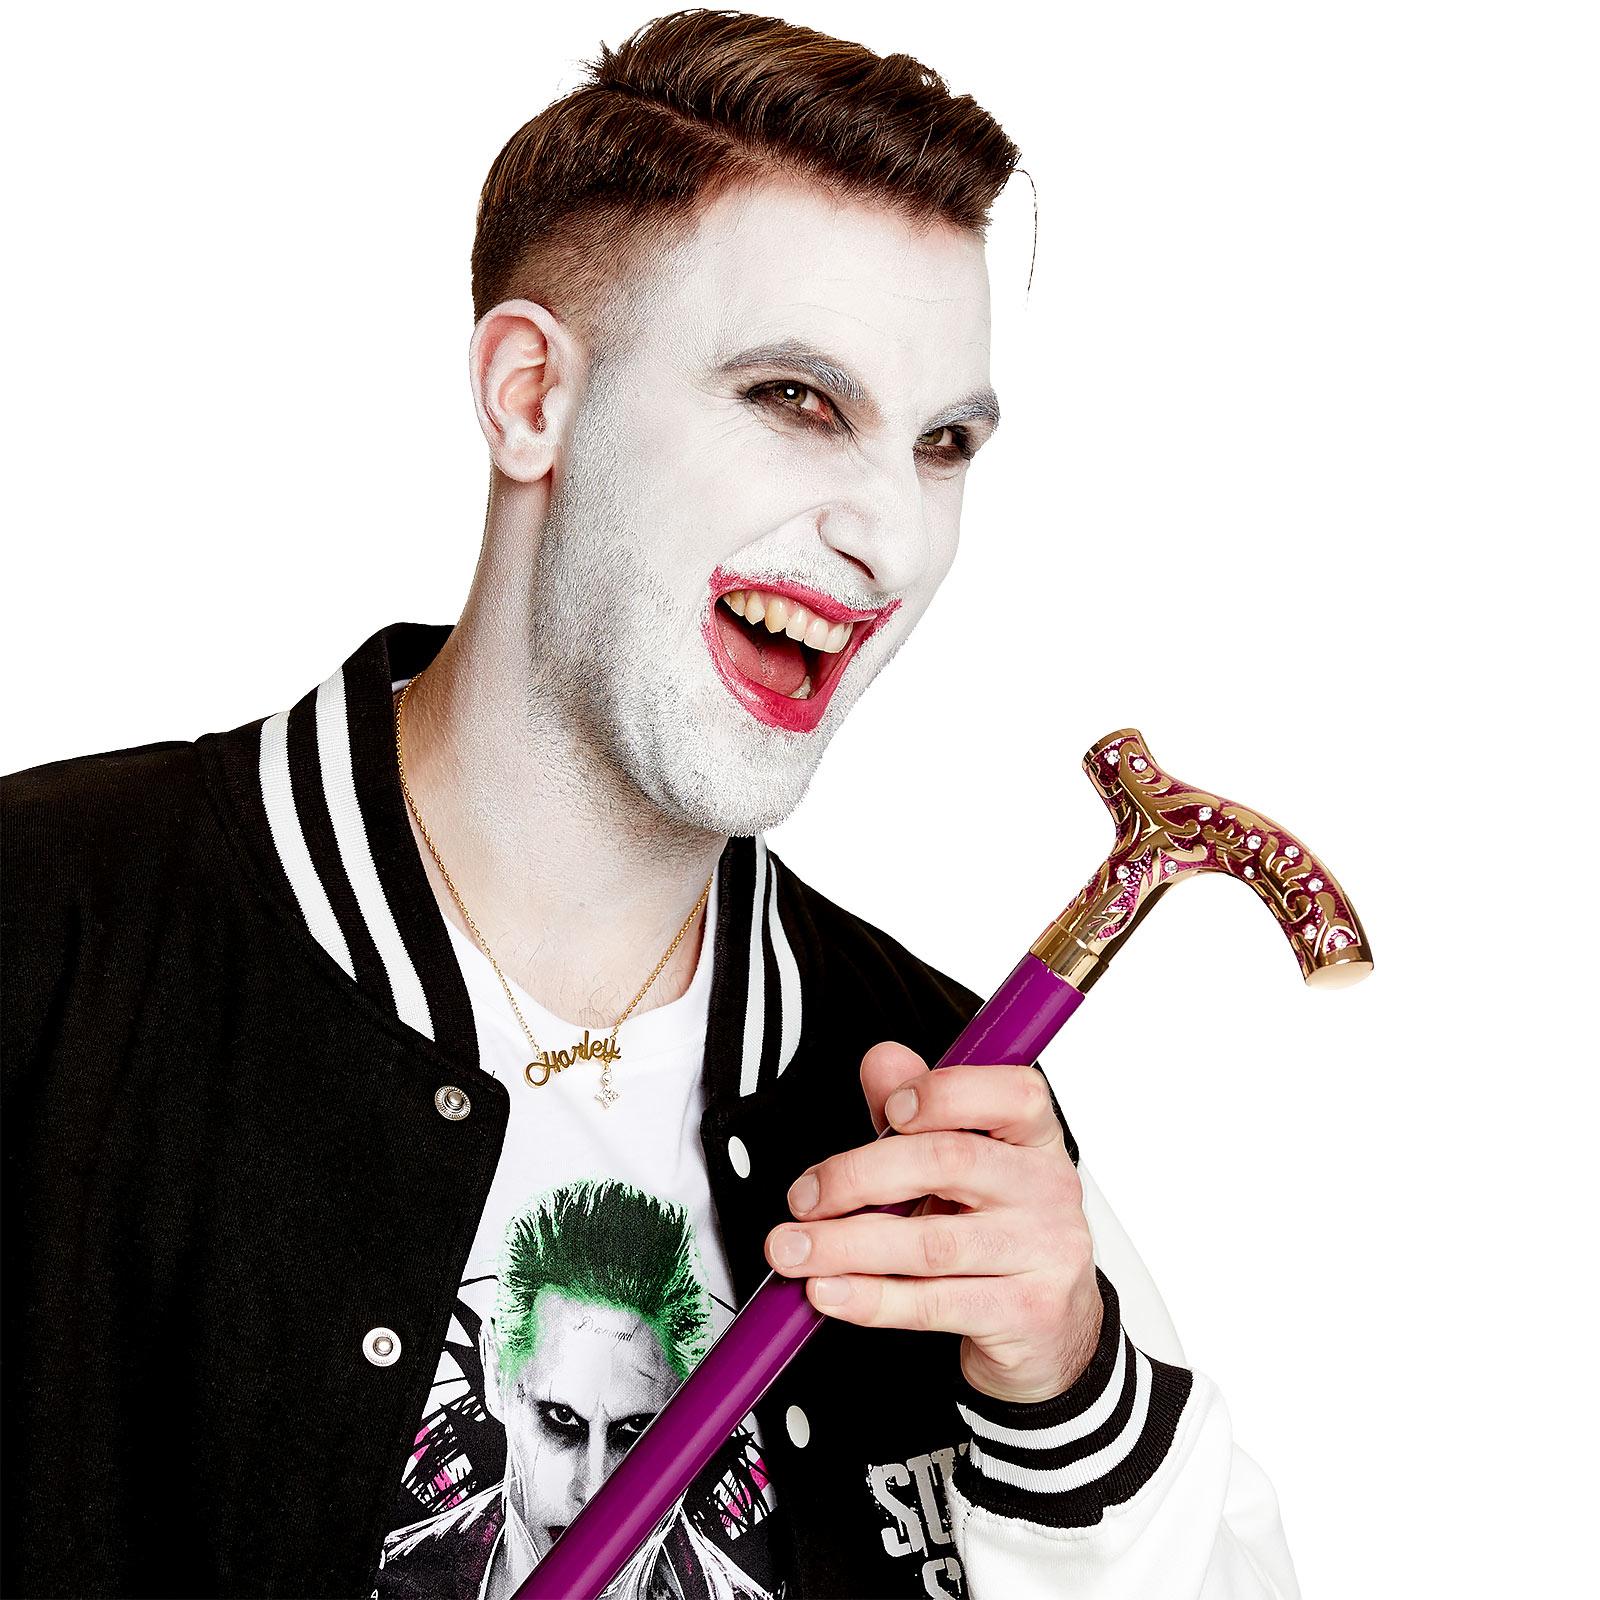 Joker Gehstock - Suicide Squad